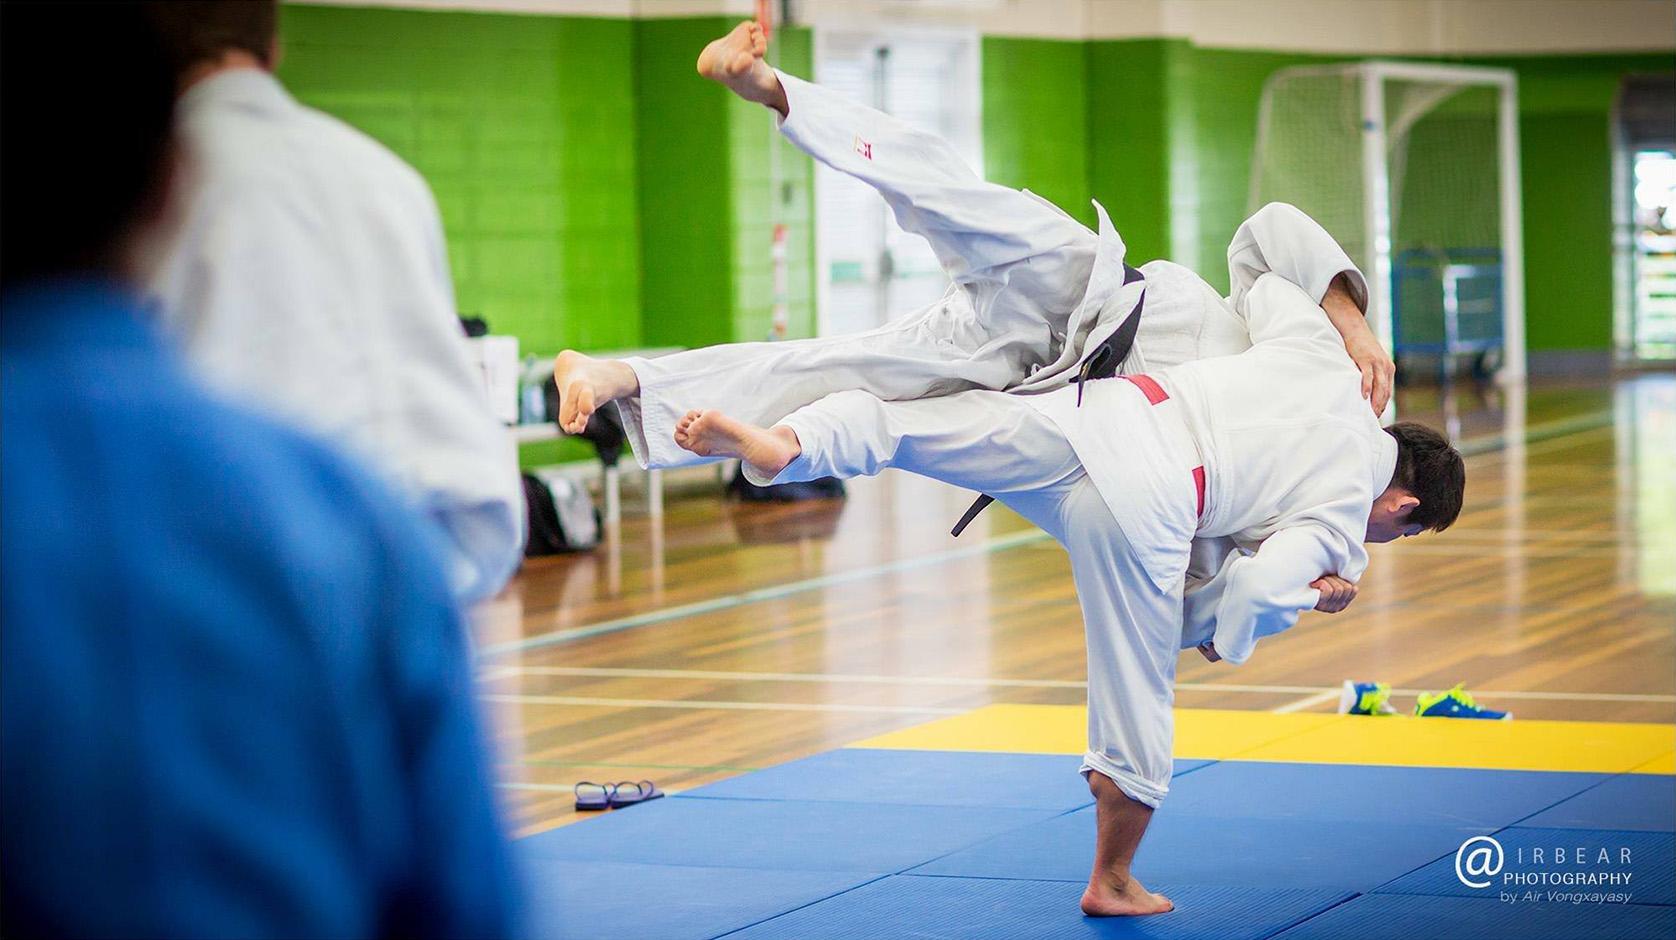 Training – Brisbane Judo Club